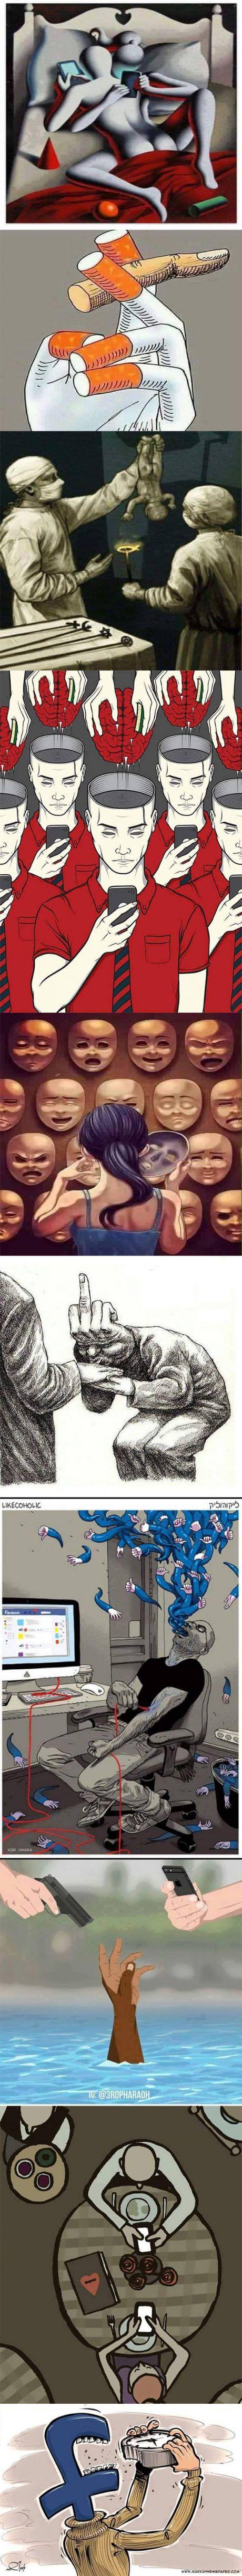 """Some modern day society """"sins"""""""